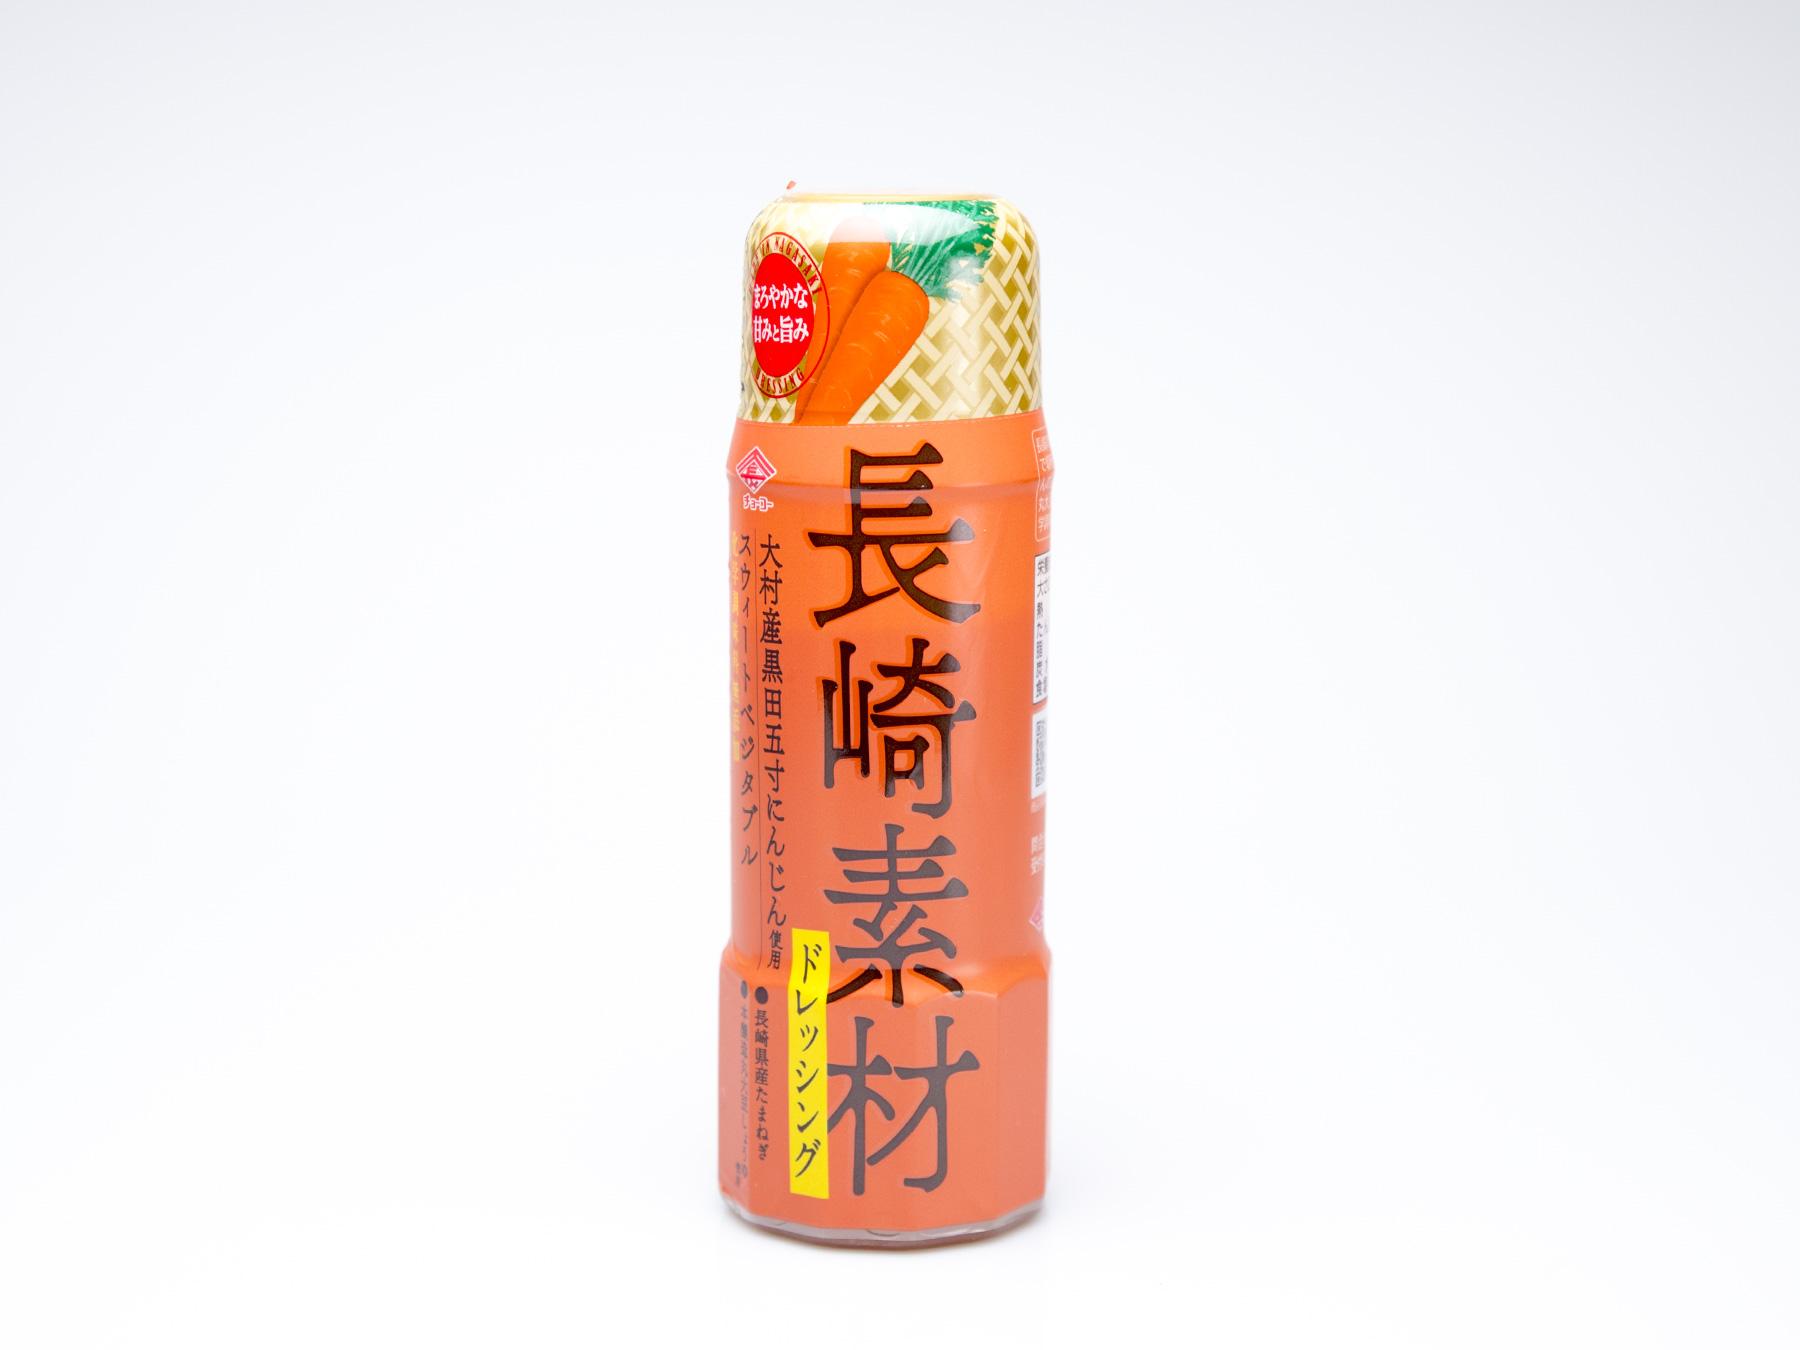 長崎素材ドレッシング 大村産黒田五寸にんじん使用スウィートベジタブル